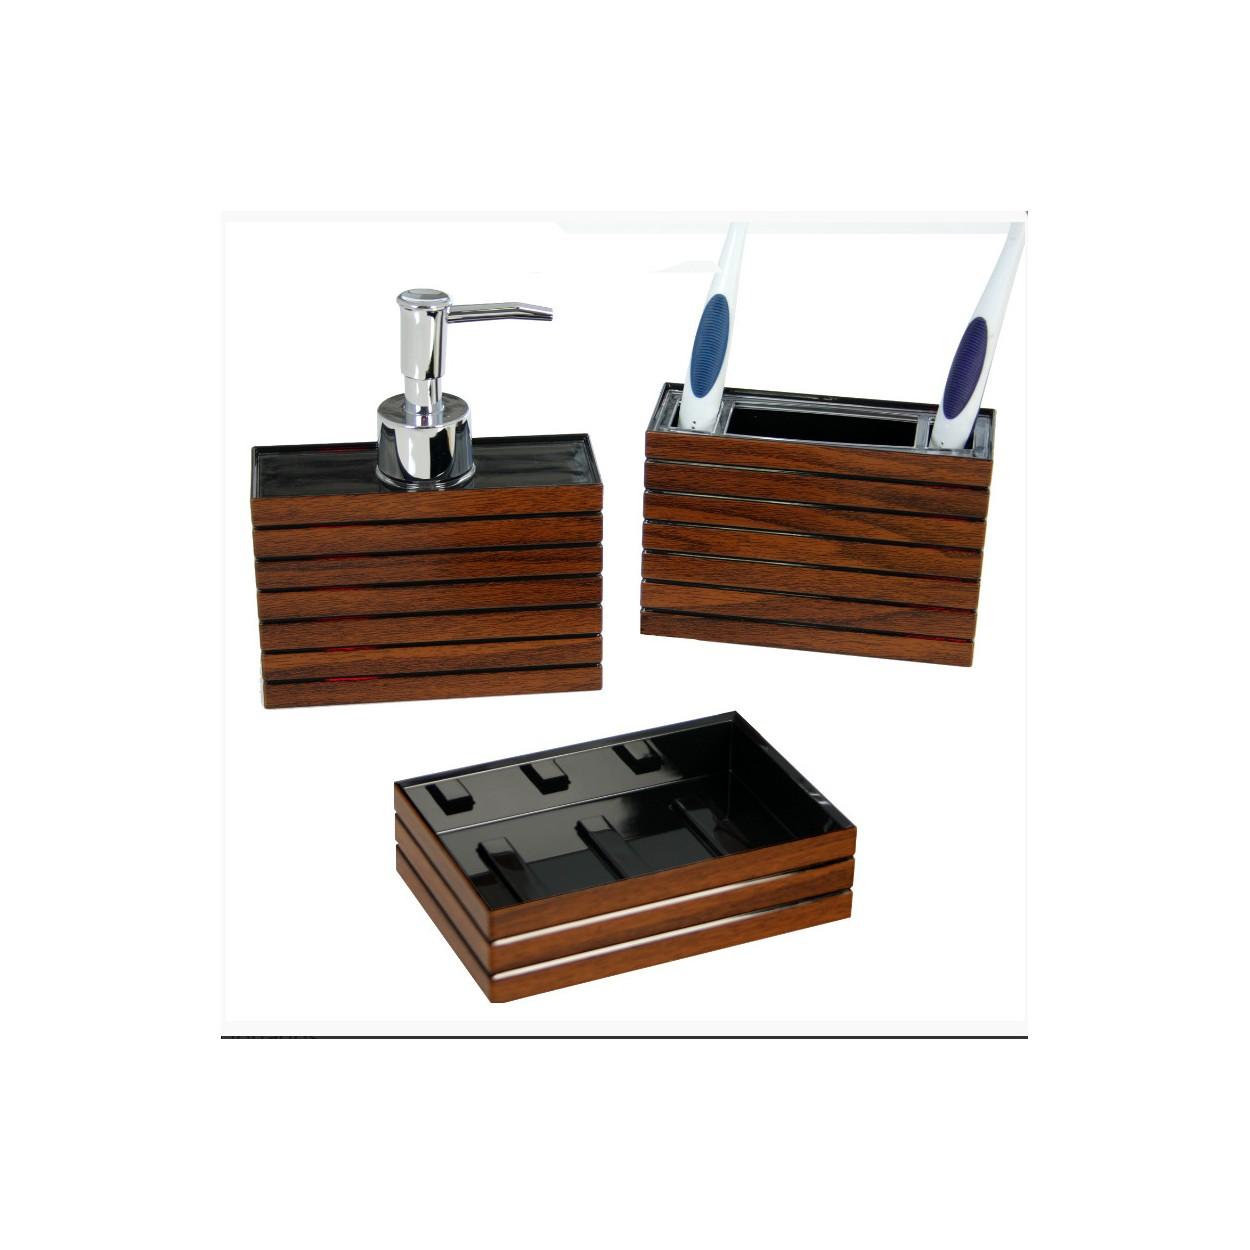 Dosificador de jab n moderno dise o madera para ba o - Dosificador jabon bano ...